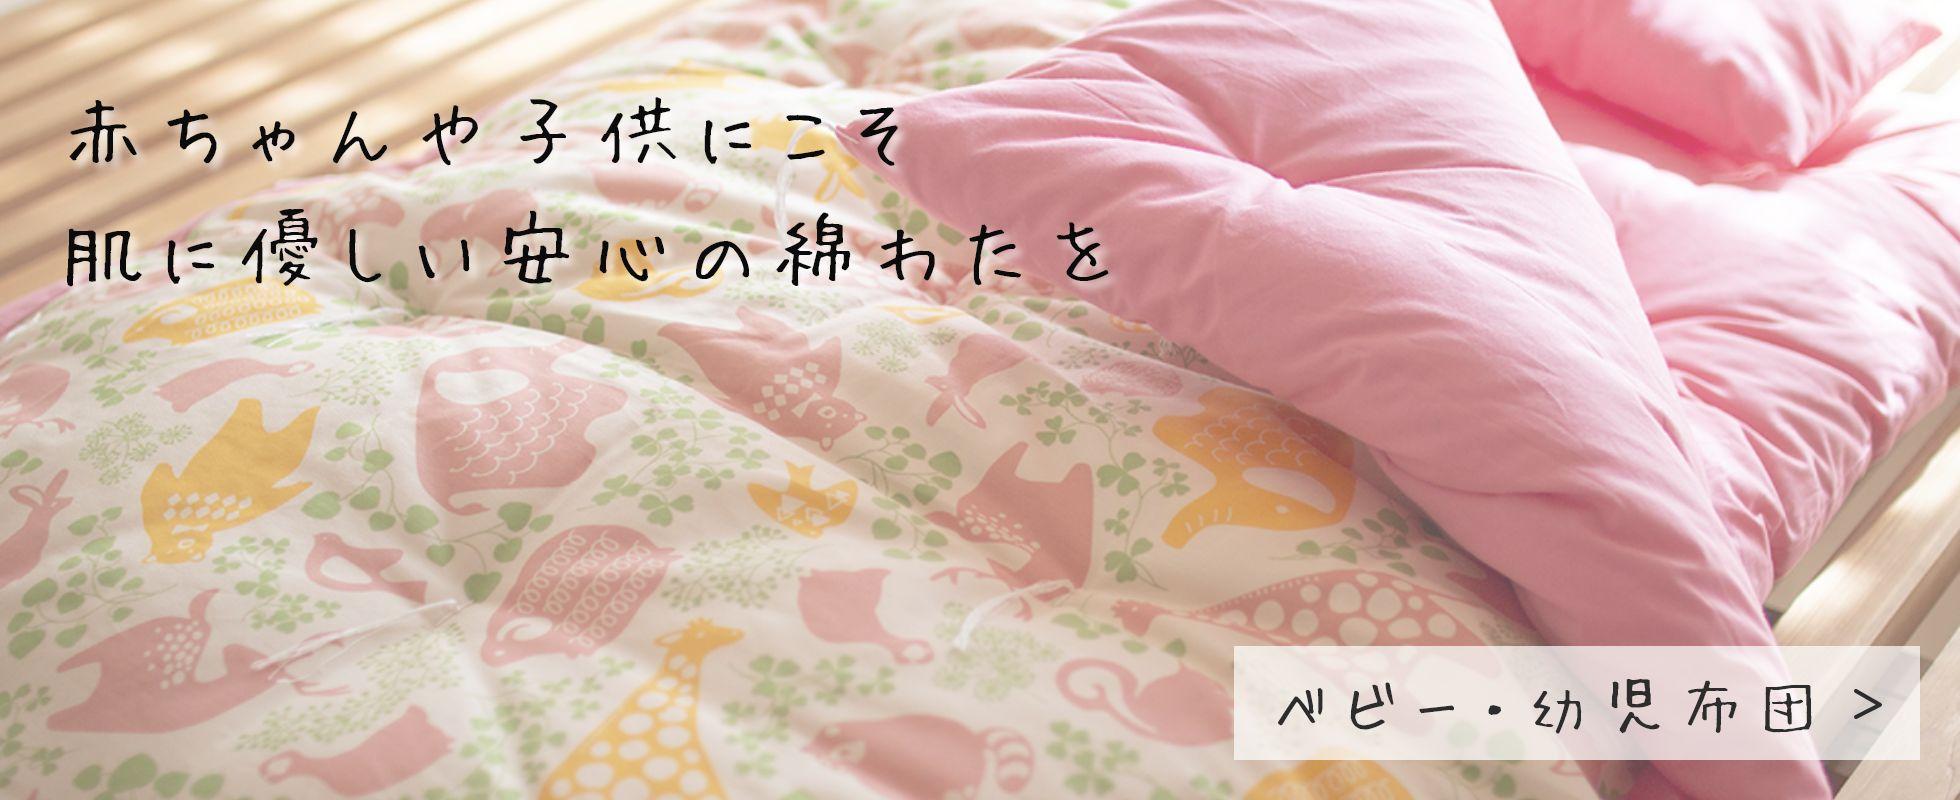 赤ちゃんや子供にこそ肌に優しい安心の綿わたを ベビー・幼児布団